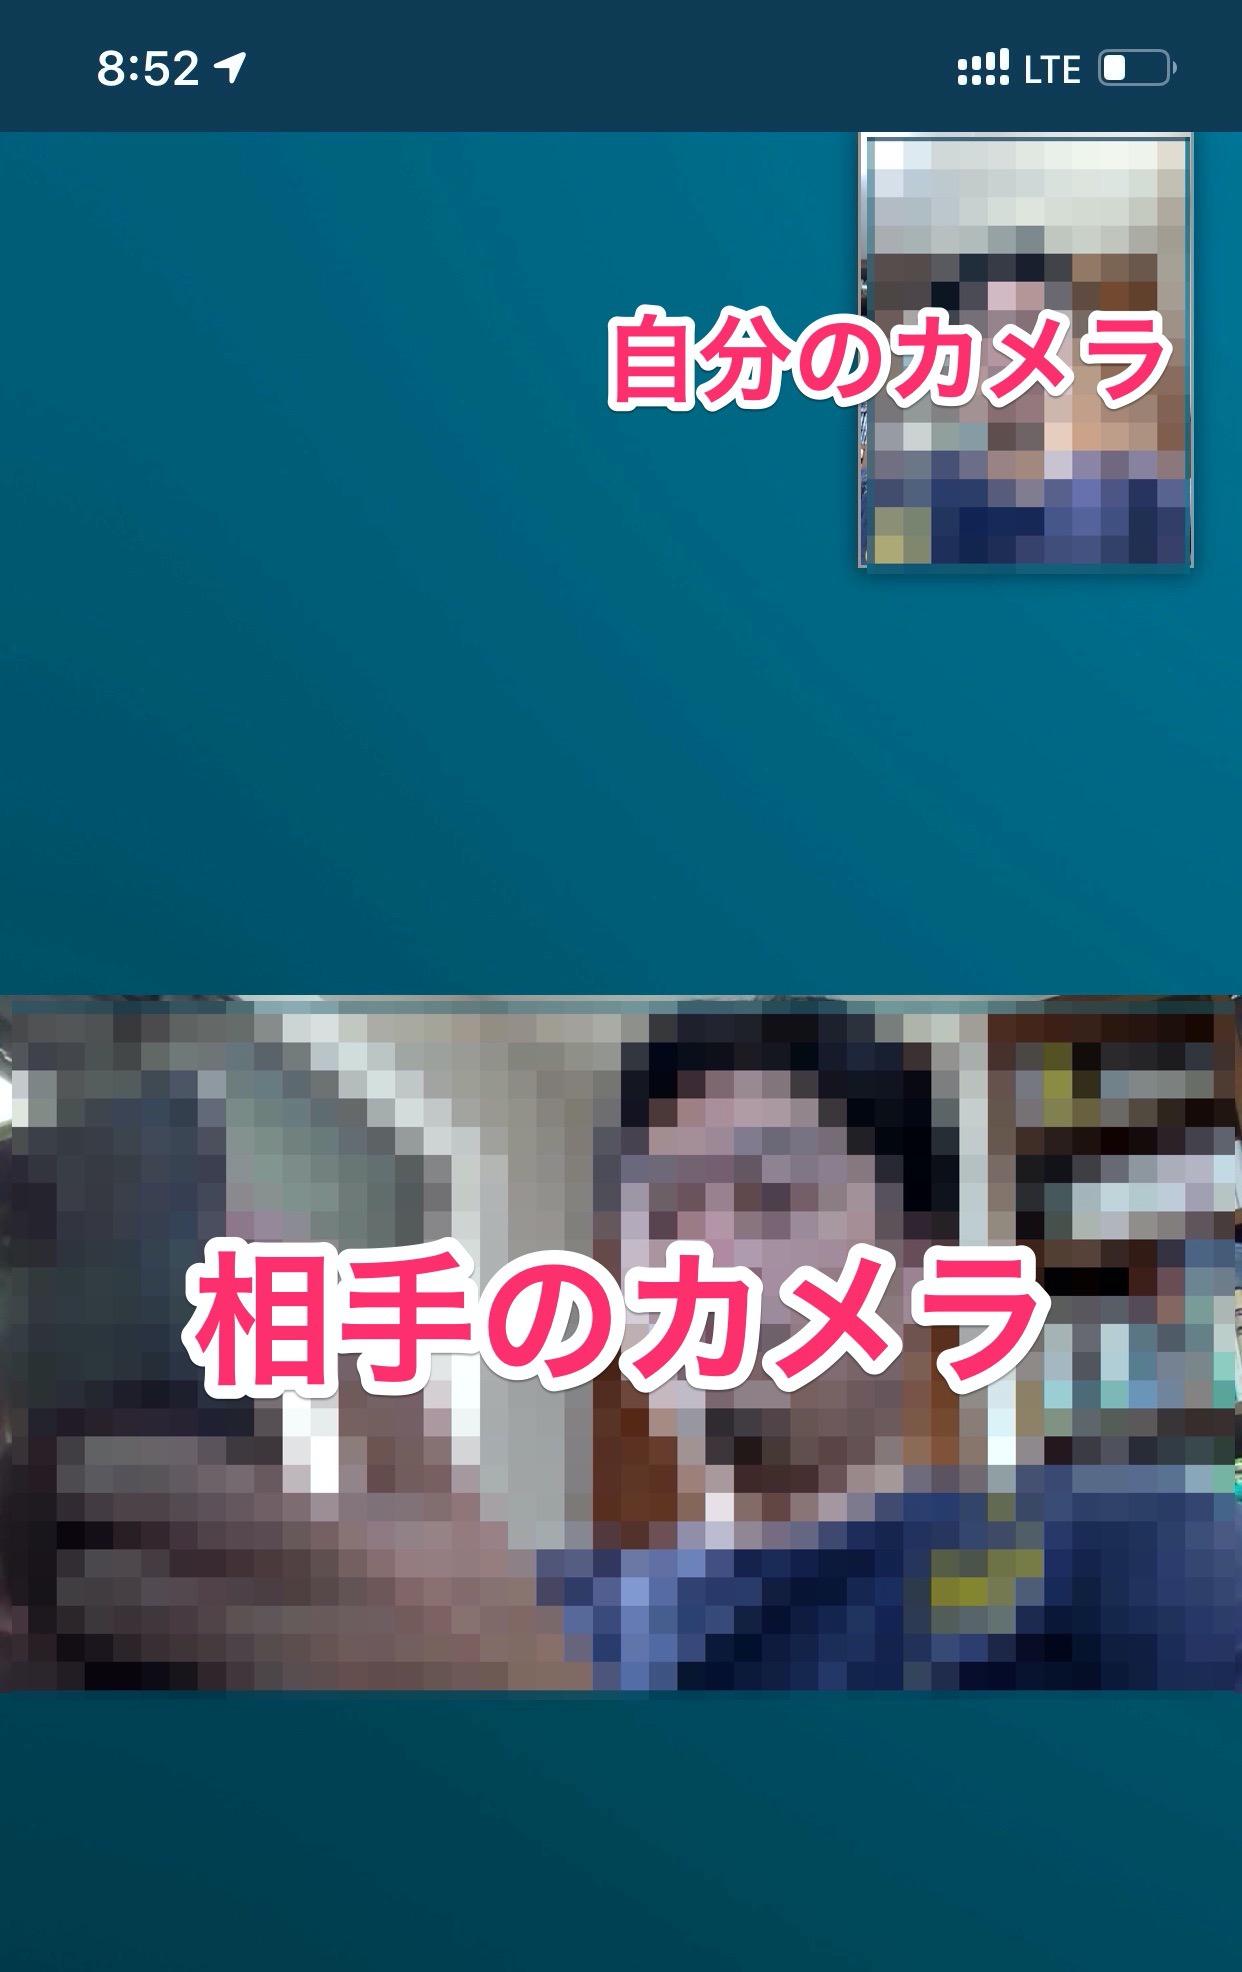 ビデオ通話もできる内線になるよ!スマホを持たない子供とネット通話するAmazon Echo端末